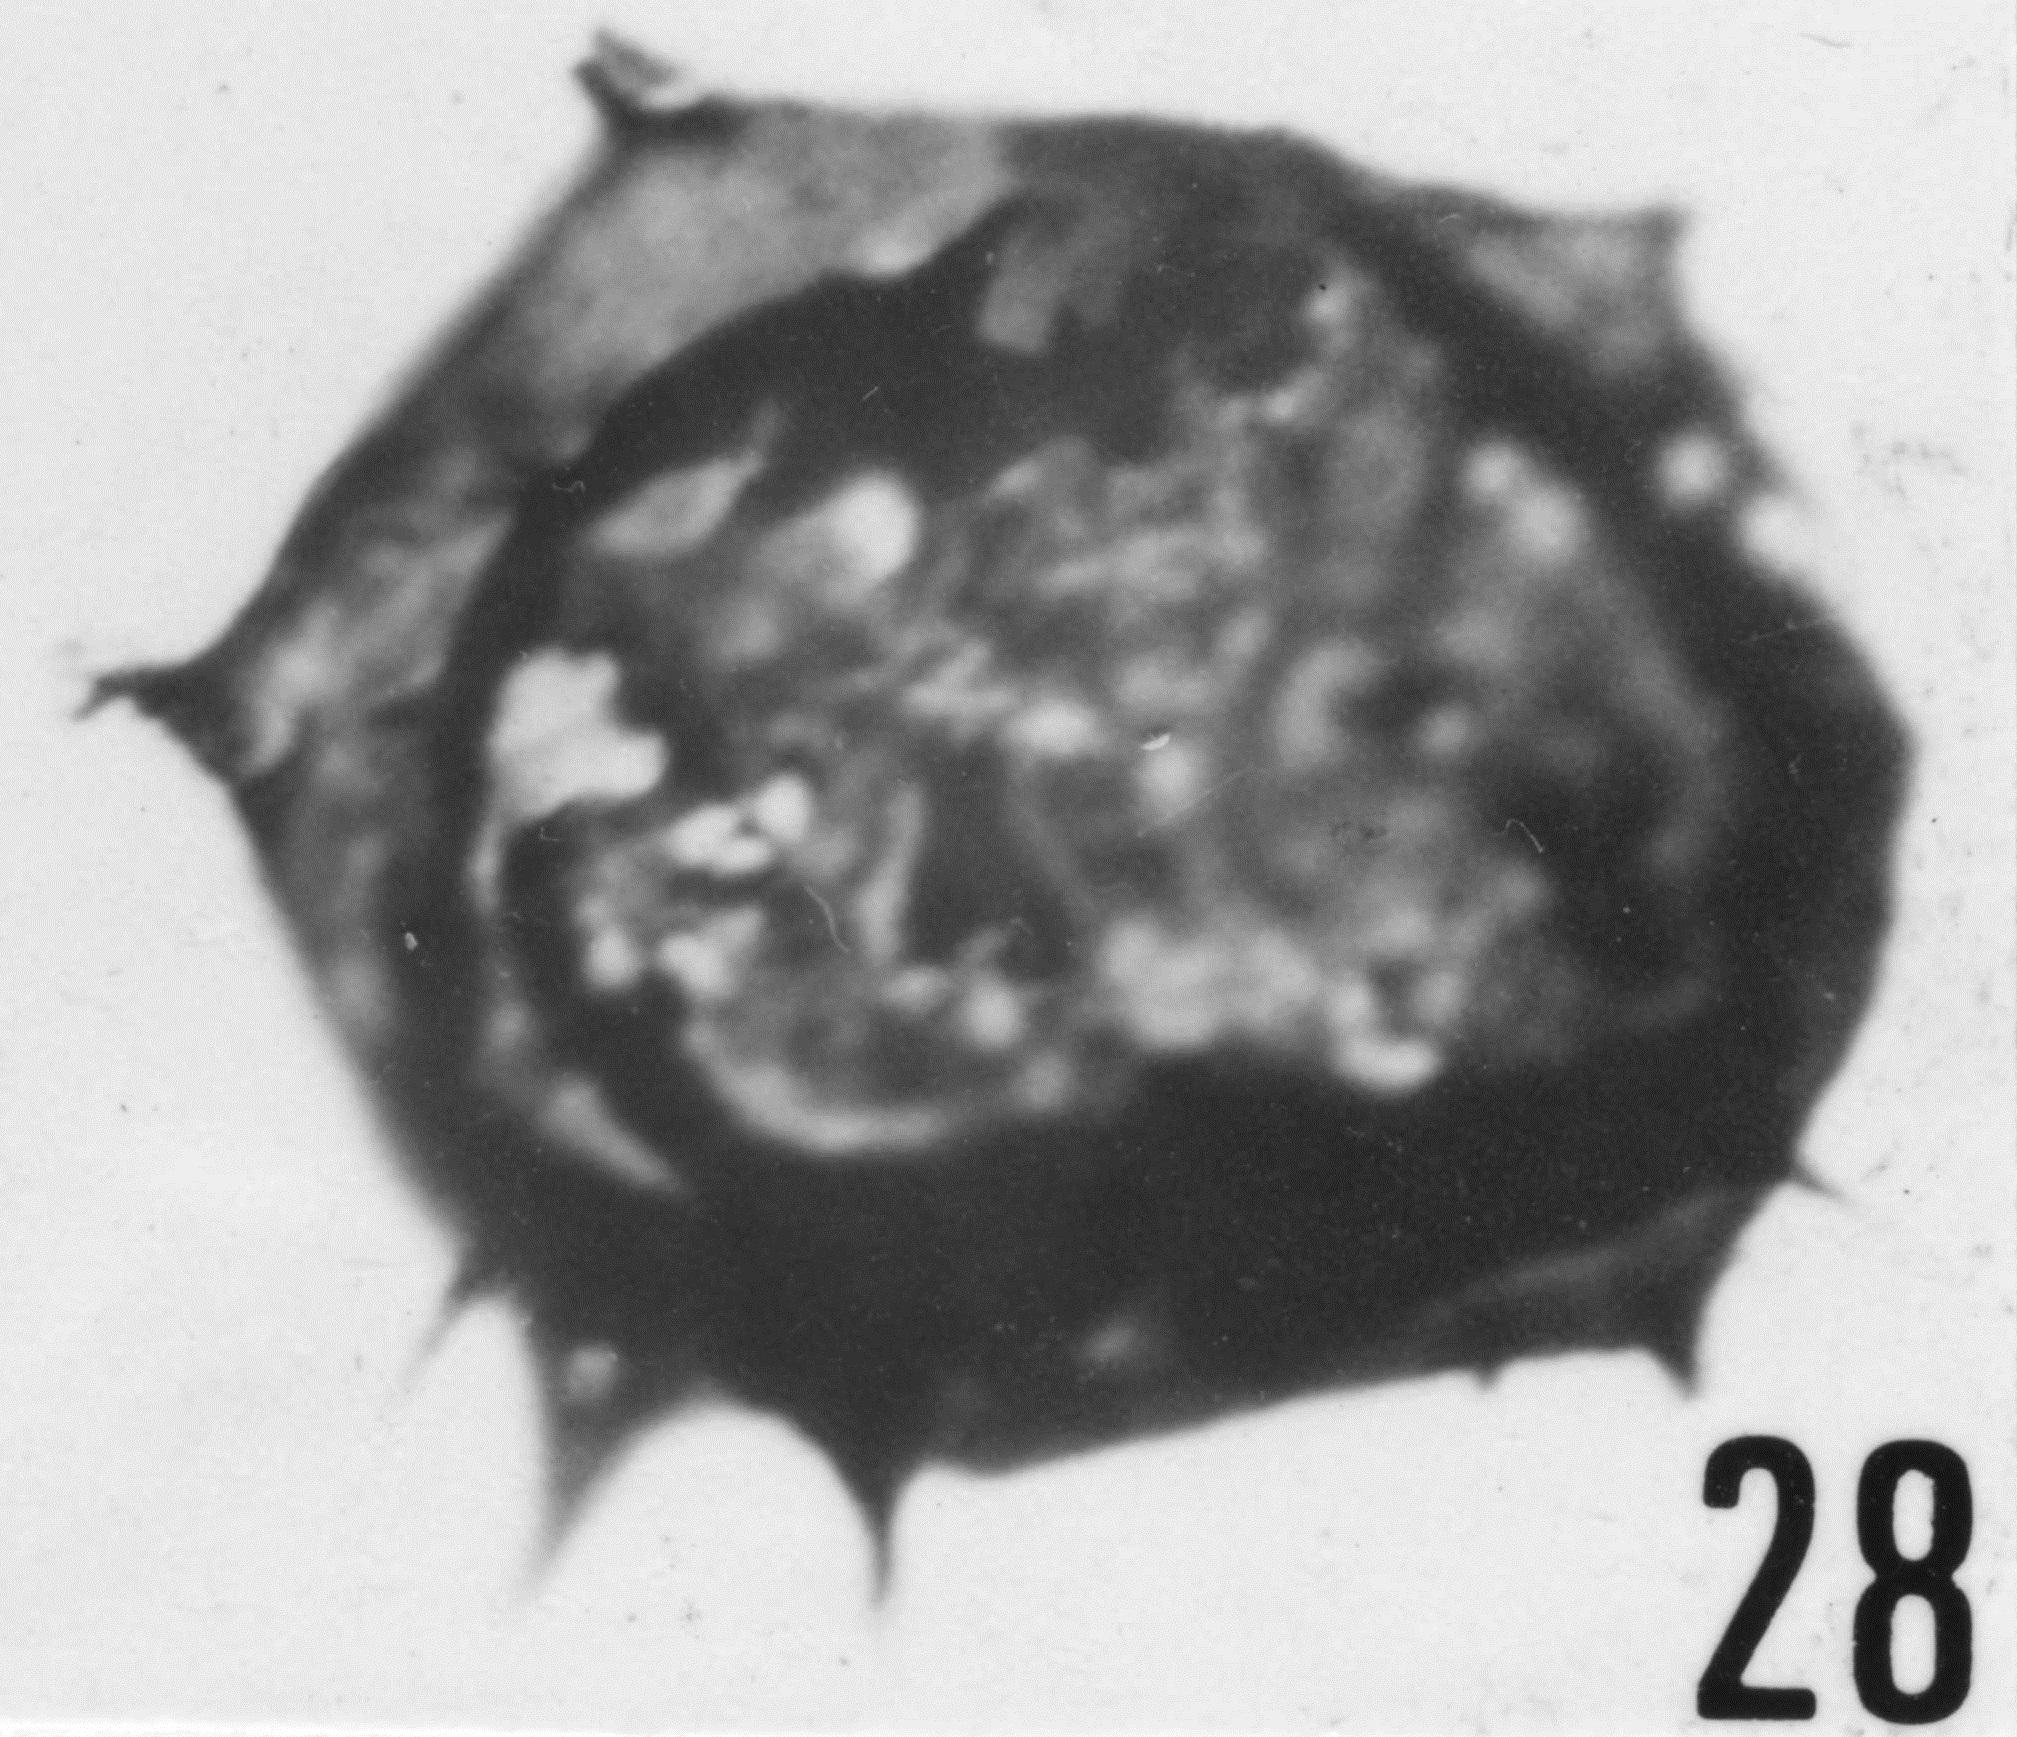 Fig. 28 - Acanthodiacrodium micronatum Timofeev, B. V., 1959. CHE-25. I. R. Se. N. B. No b506.